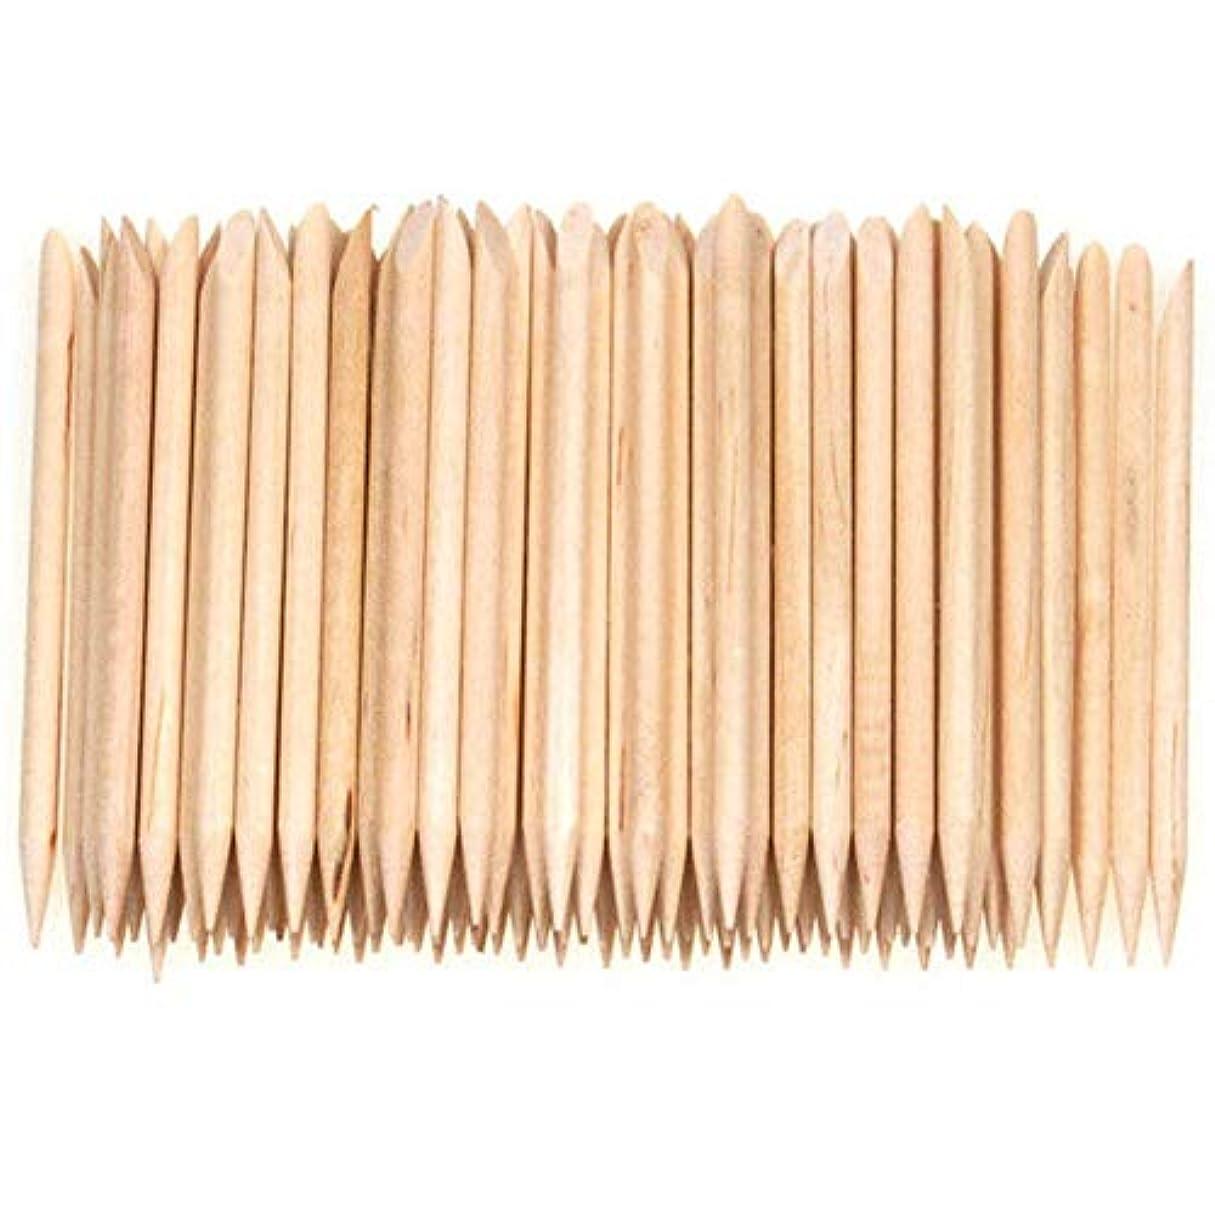 こどもの日ぎこちない天皇Semoic 100個ネイルアートデザイン木製の棒キューティクルプッシャーリムーバーマニキュアケア